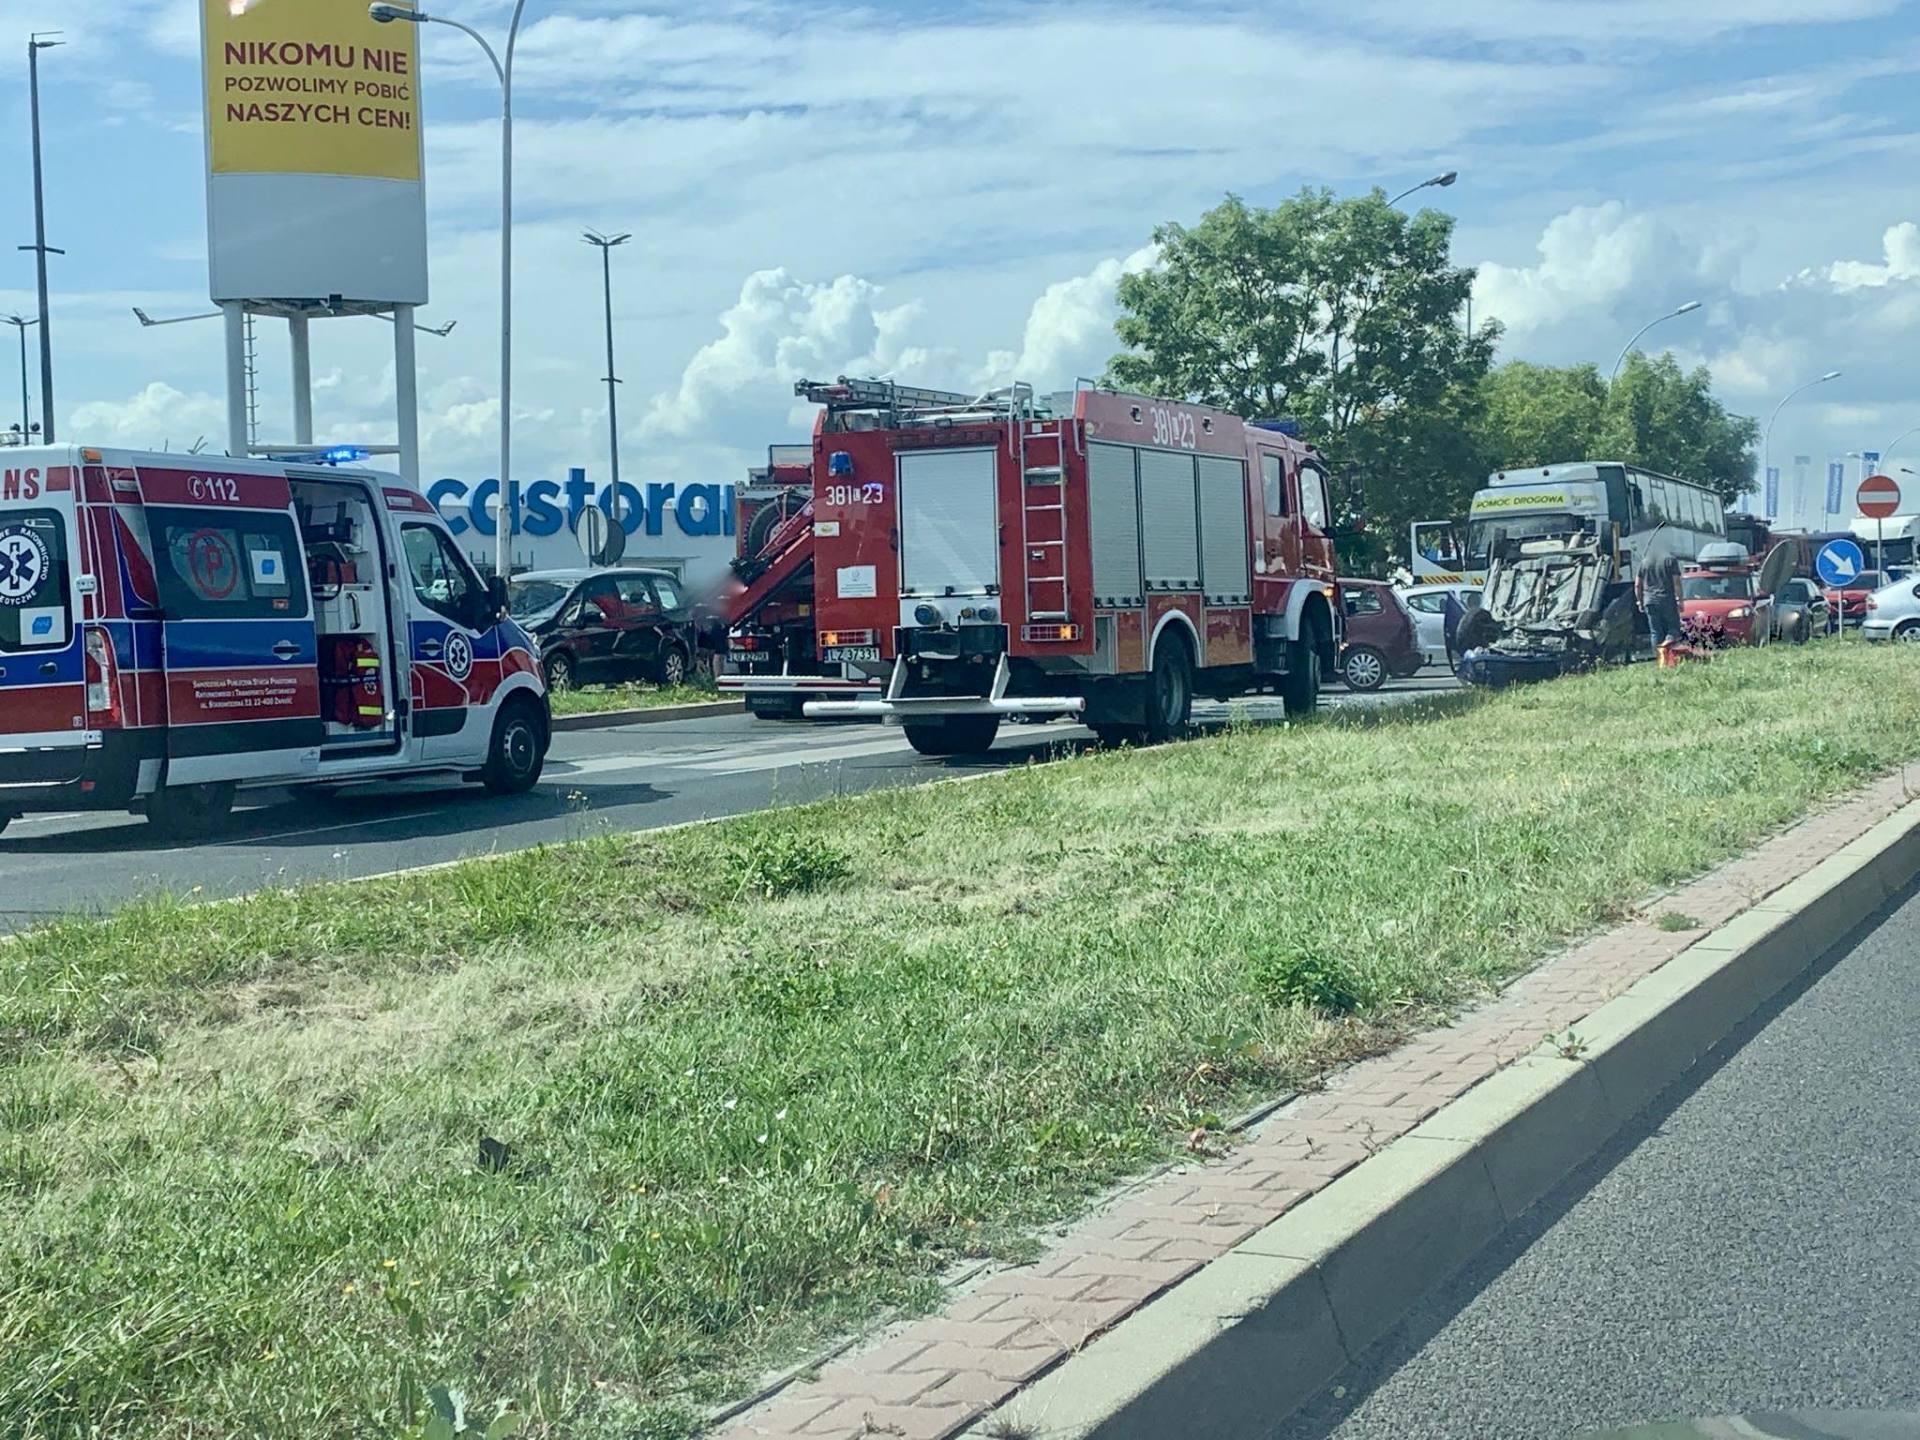 118065139 1687887101370022 7850845355075085994 n UWAGA kierowcy! Poważny wypadek przy Castoramie. Samochód dachował, droga jest zablokowana.